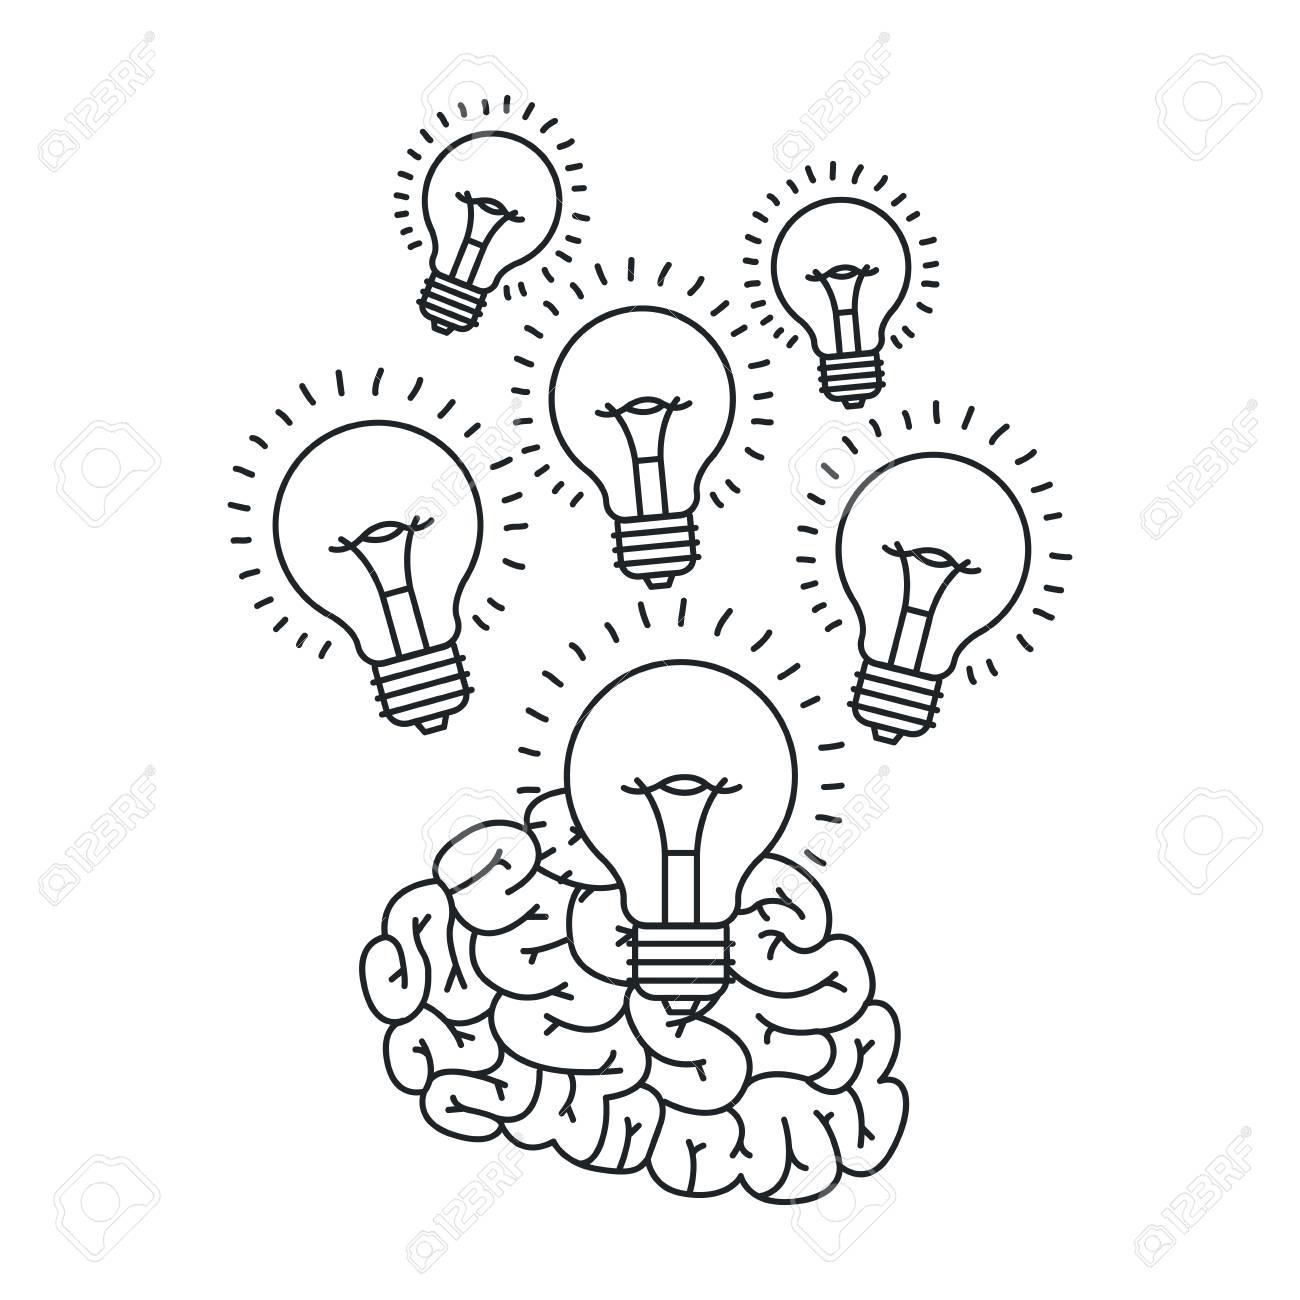 Vettoriale Icona Di Disegno Di Cervello E Lampadina Grande Idea